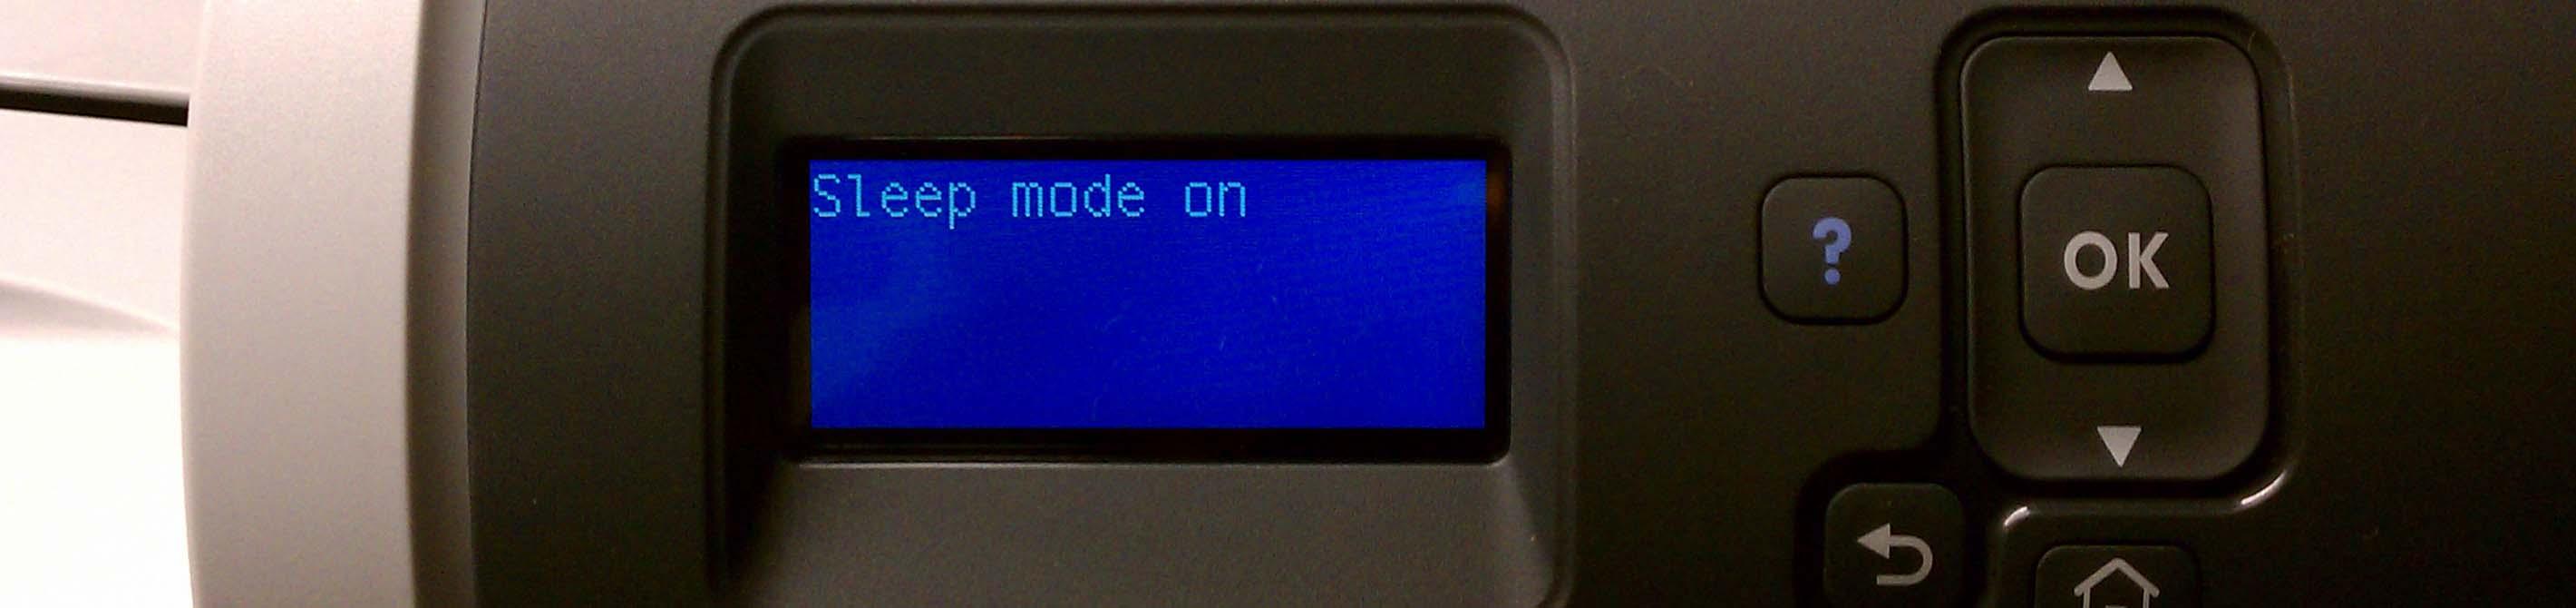 printer-sleep-mode